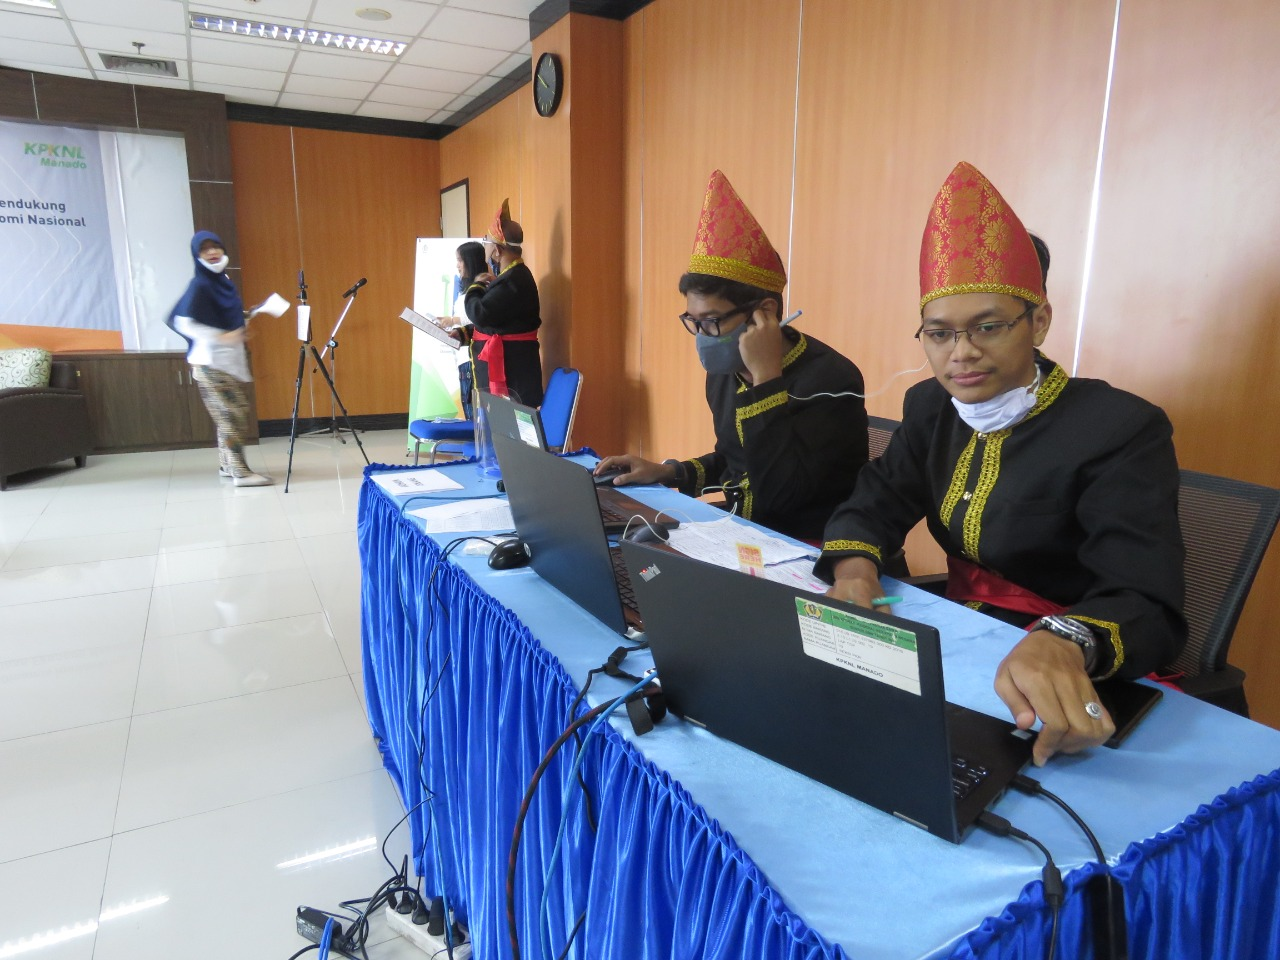 Ulang Tahun 14 DJKN: KPKNL Manado Gelar Gerai Layanan Virtual